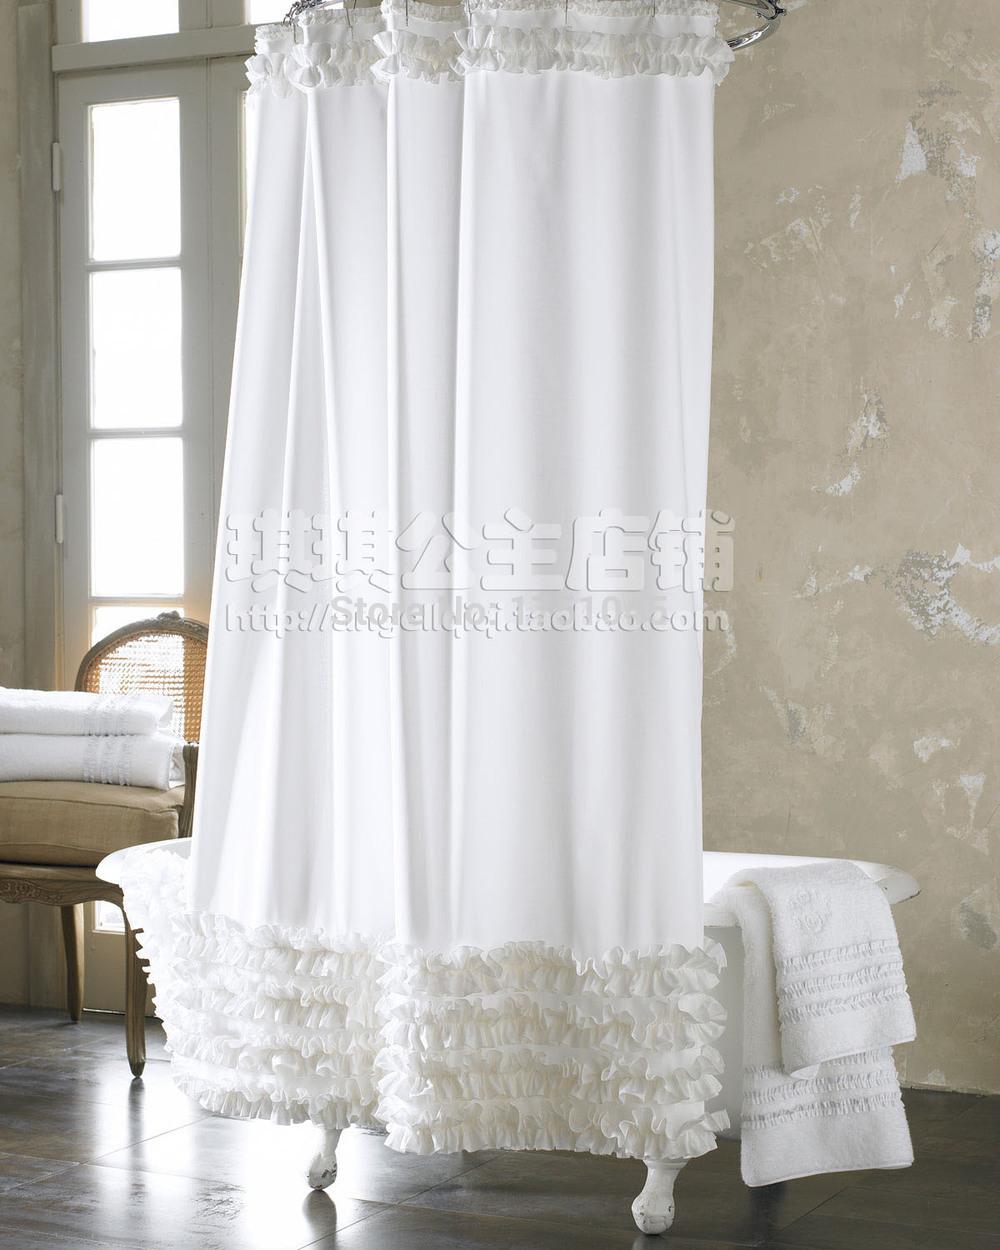 Idee Salle De Bain Teck :  salon cuisine salle de bain fenêtre t dans Rideaux de Maison & Jardin